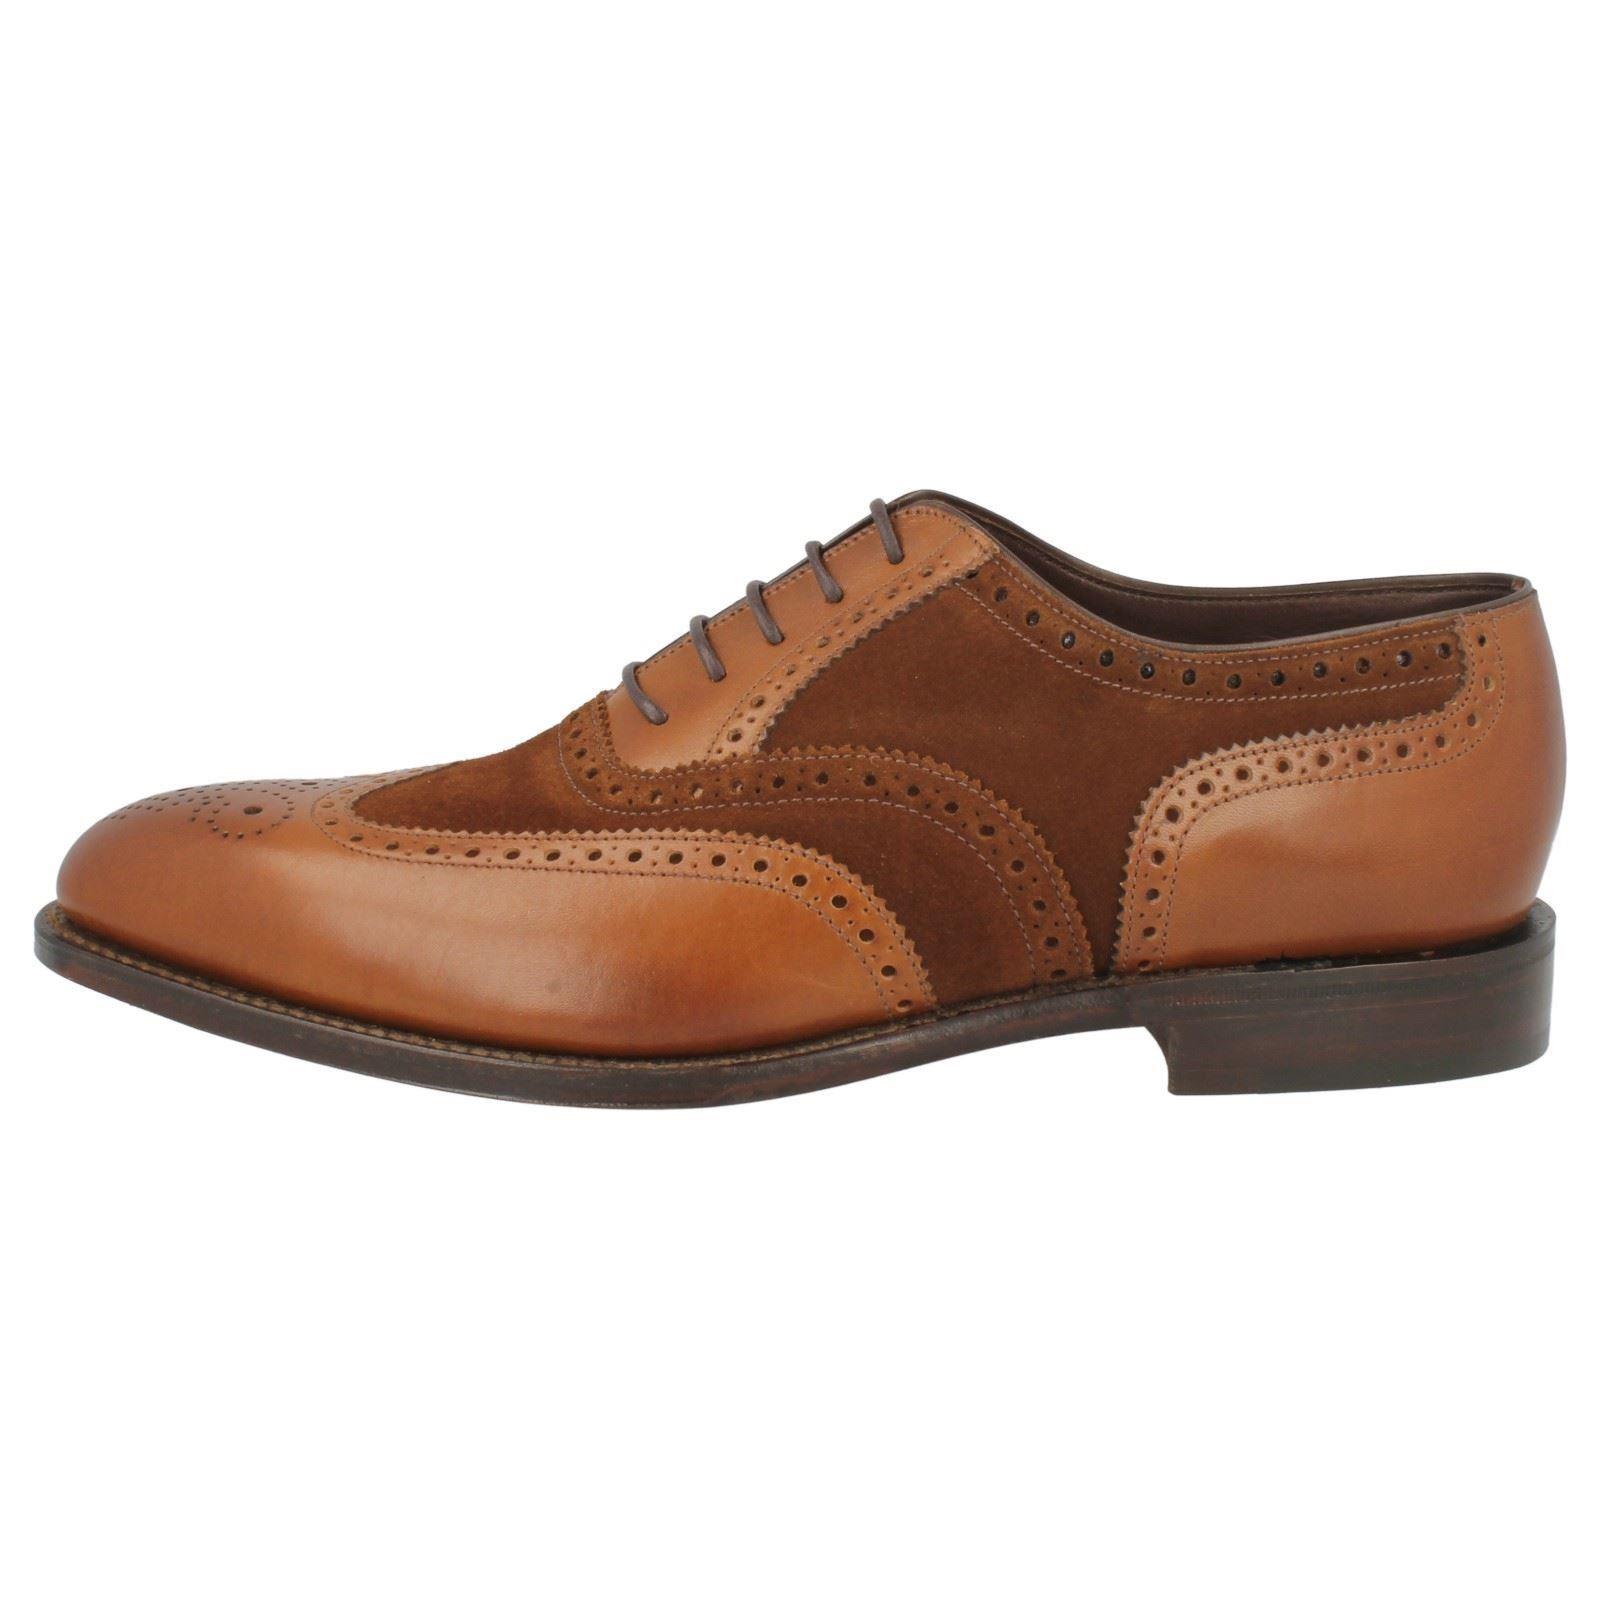 Loake Mens Shoes On Ebay Uk